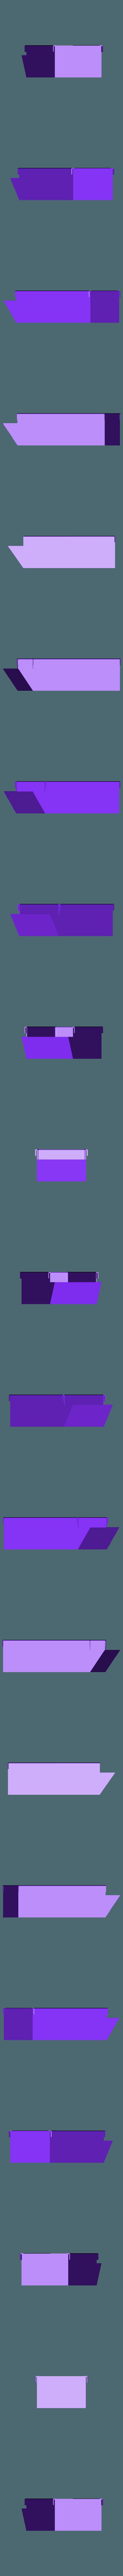 Tiroir L80 P150 H50.STL Download free STL file Hanging storage drawers • 3D printer model, Ni-no